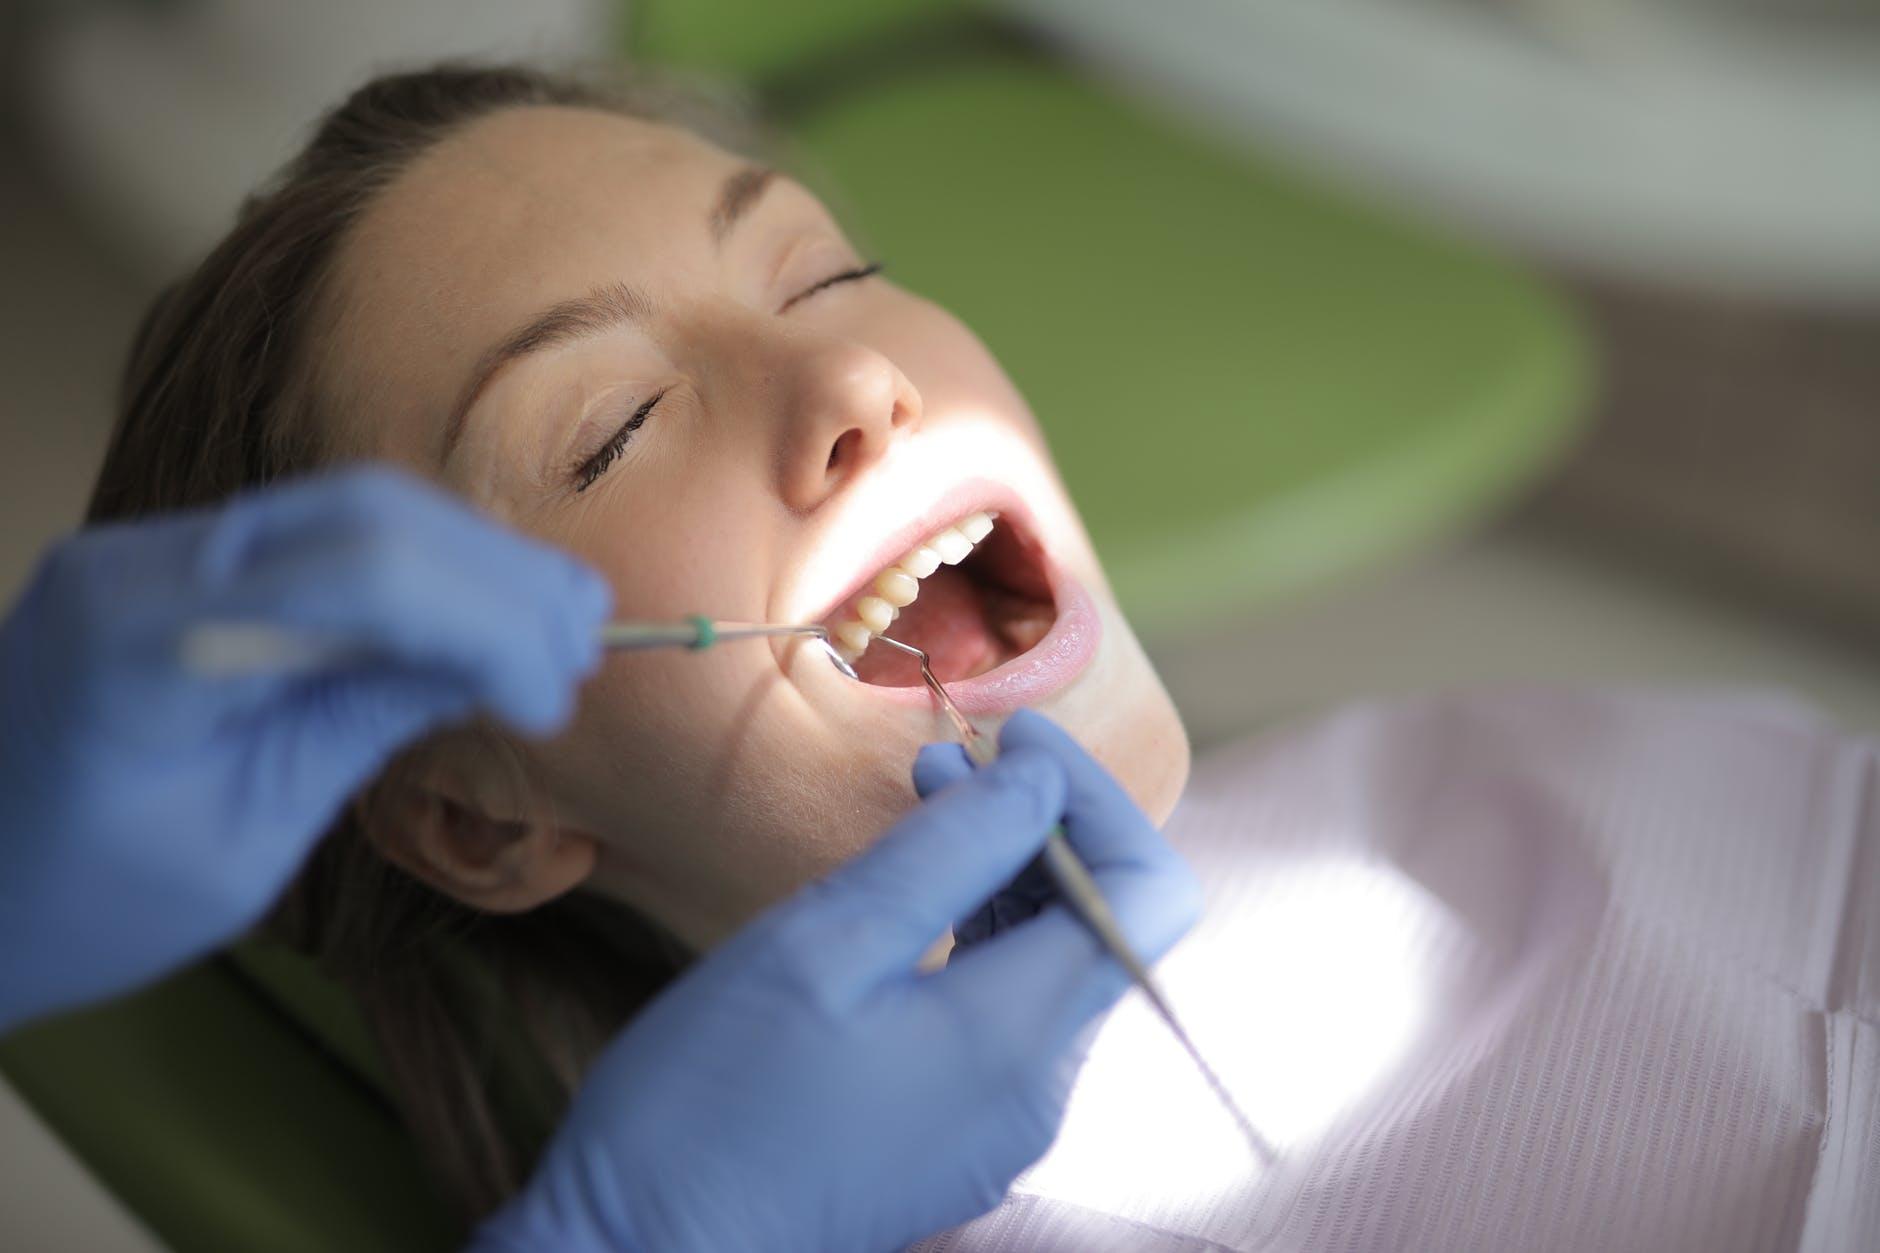 คนจัดฟันไม่ถอนฟัน ได้? หรือ ไม่ได้? จะรู้ได้ยังไงว่าเราต้องถอนฟันตอนจัดฟัน เกร็ดความรู้ที่คนจัดฟันไม่ควรพลาด!! ปักหมุดคลินิกจัดฟันดีๆ #5 ที่เอาใจชาวนครศรีธรรมราชกันไปเลยจ้า